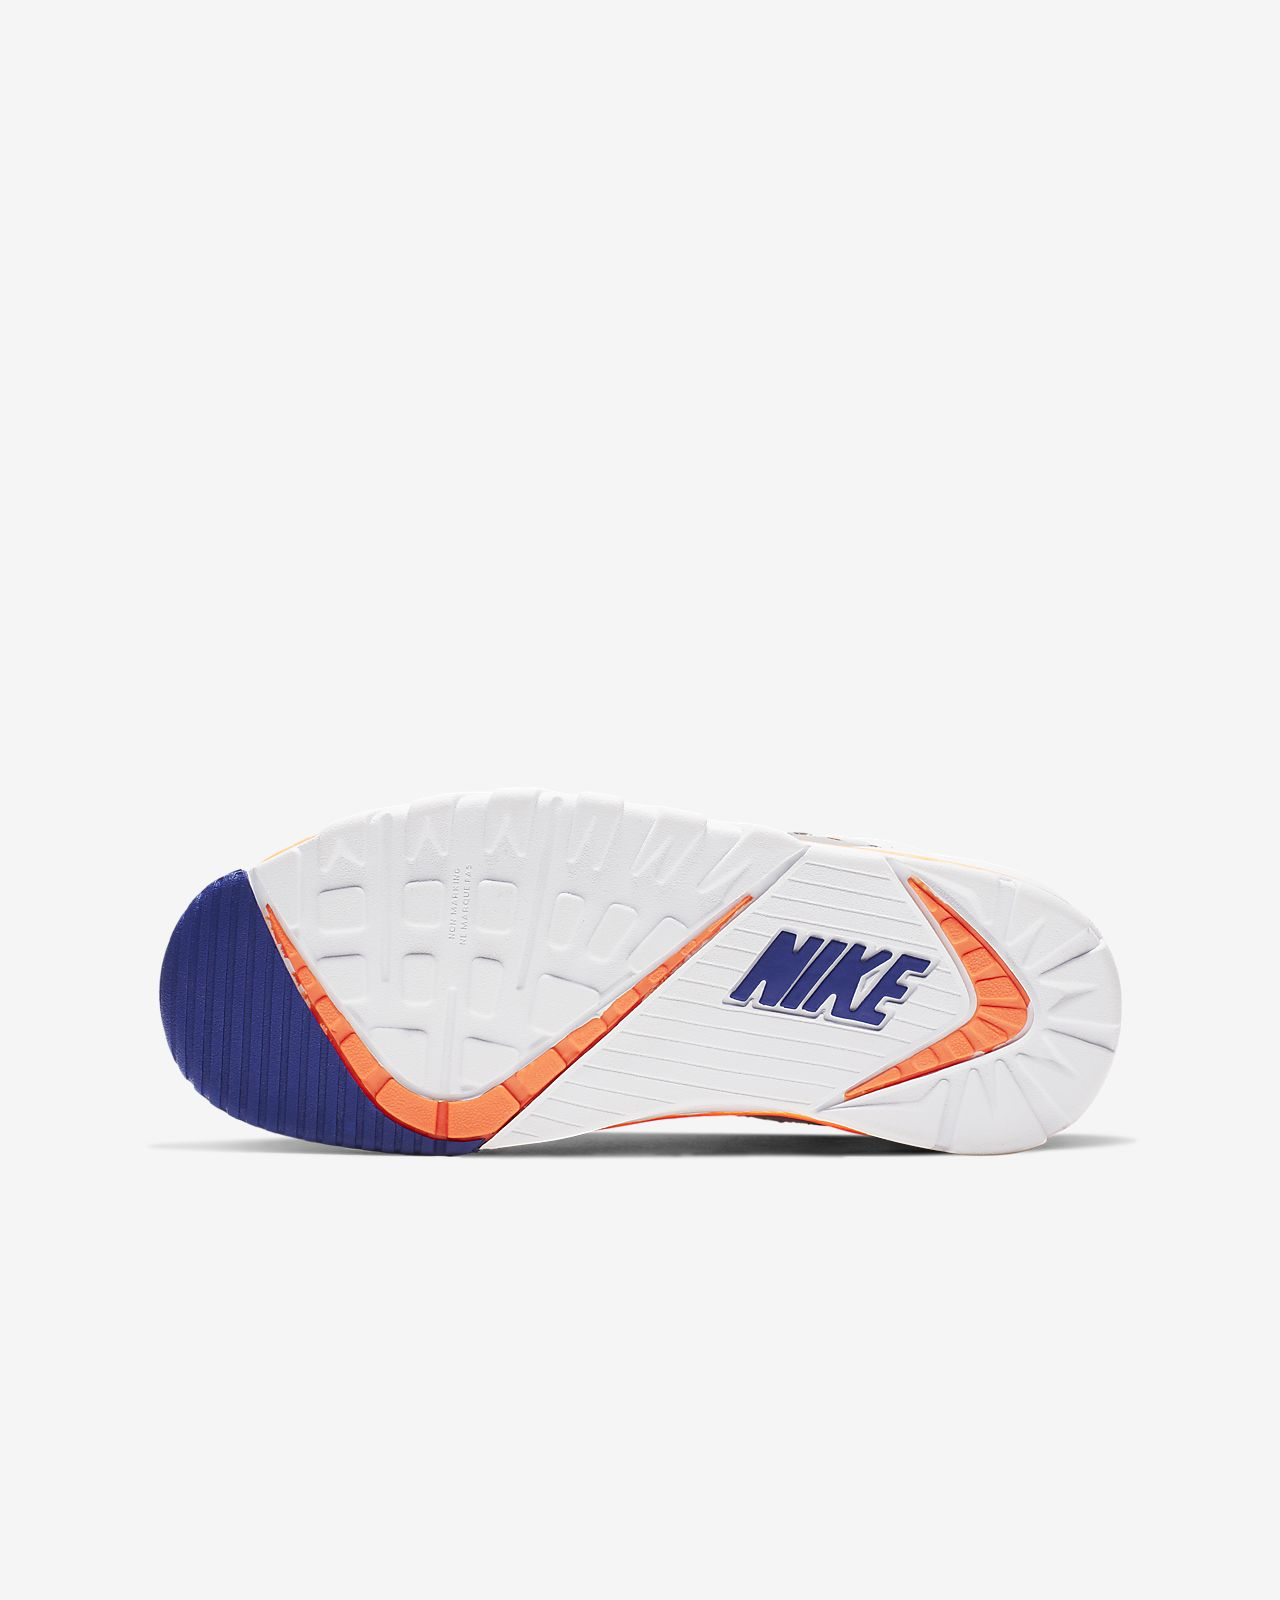 hot sale online 88d26 608da ... Nike Air Trainer SC Big Kids  Shoe